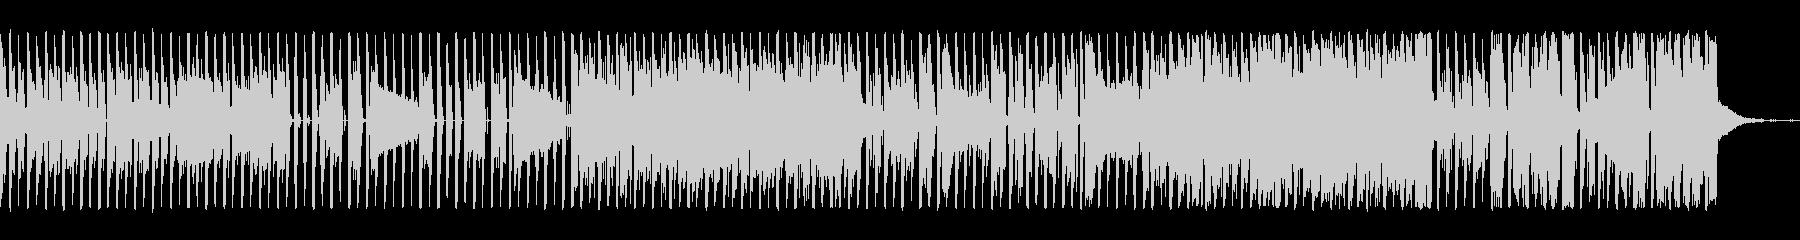 ロックンロールの方法ビルヘイリー。...の未再生の波形